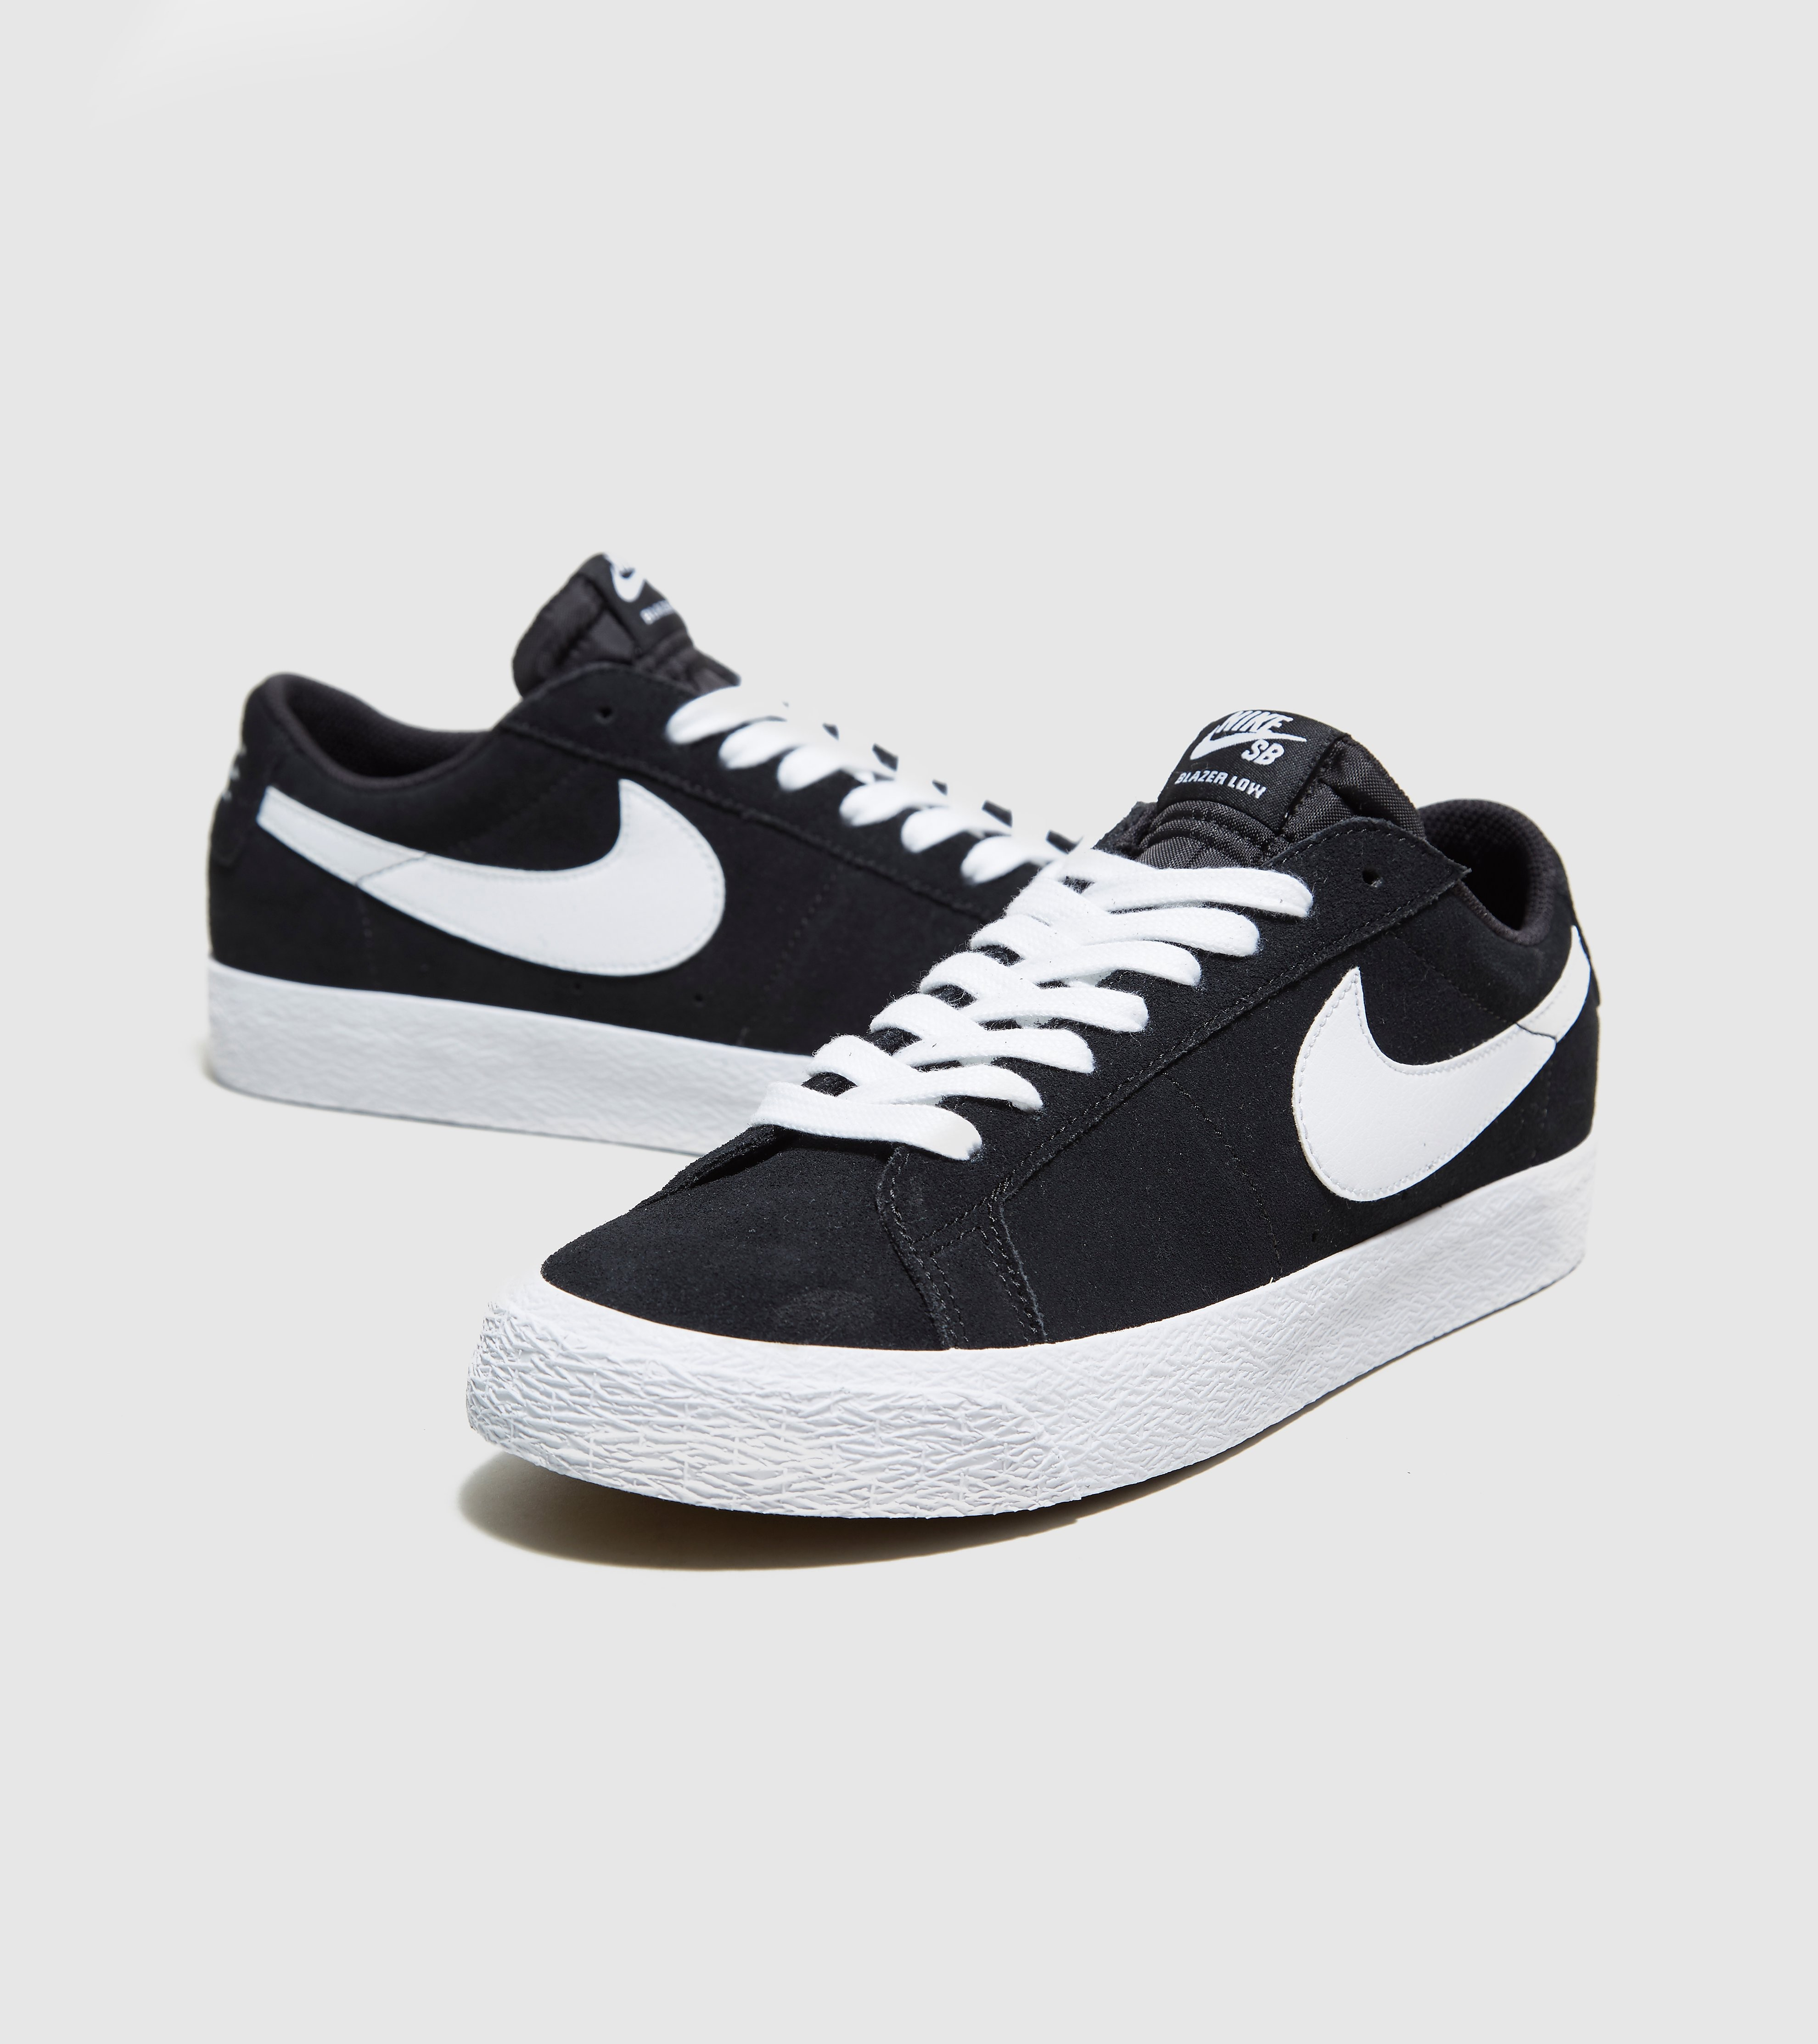 Nike SB Blazer Low Suede